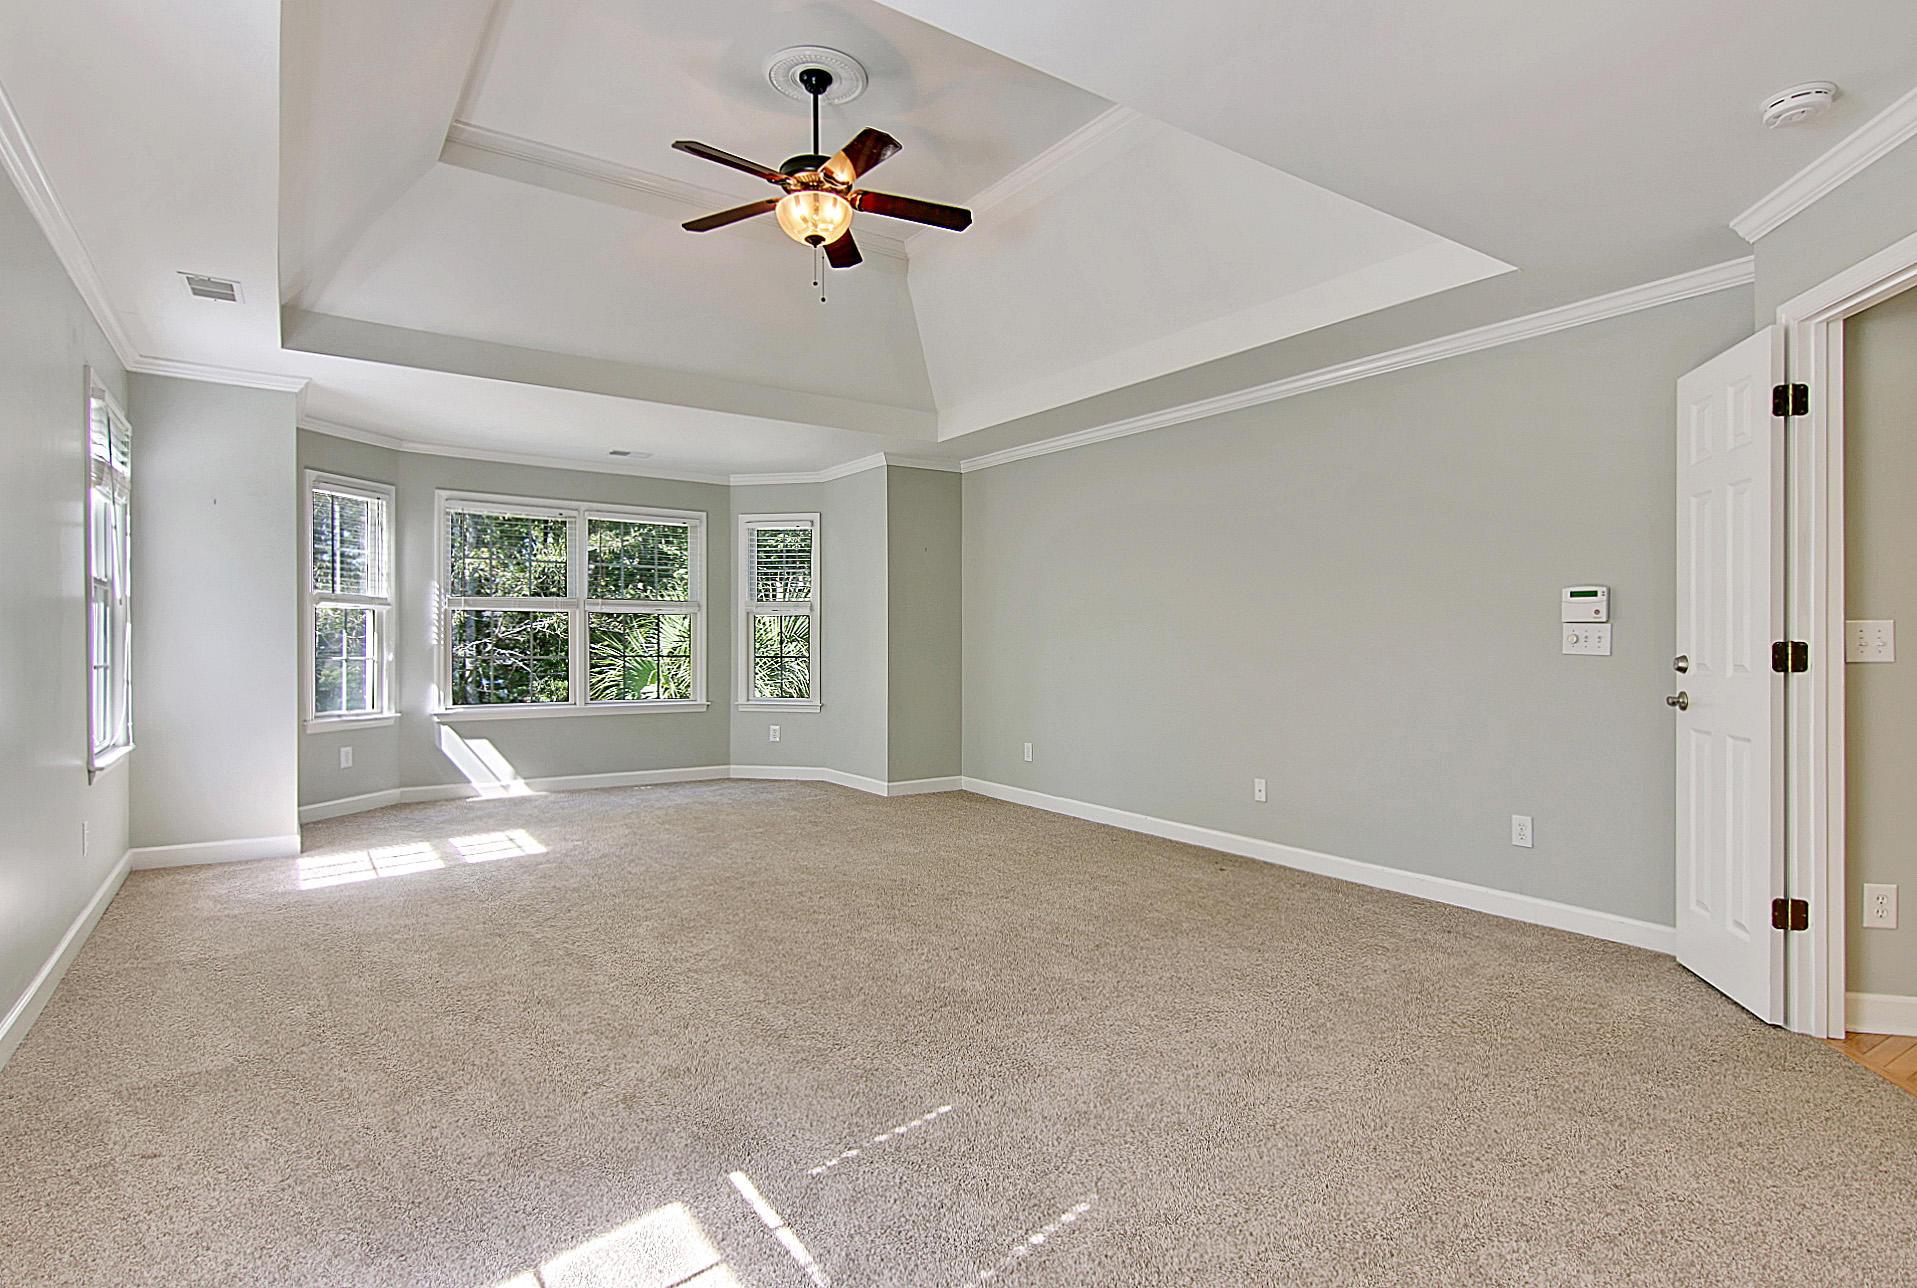 Dunes West Homes For Sale - 2236 Black Oak, Mount Pleasant, SC - 41